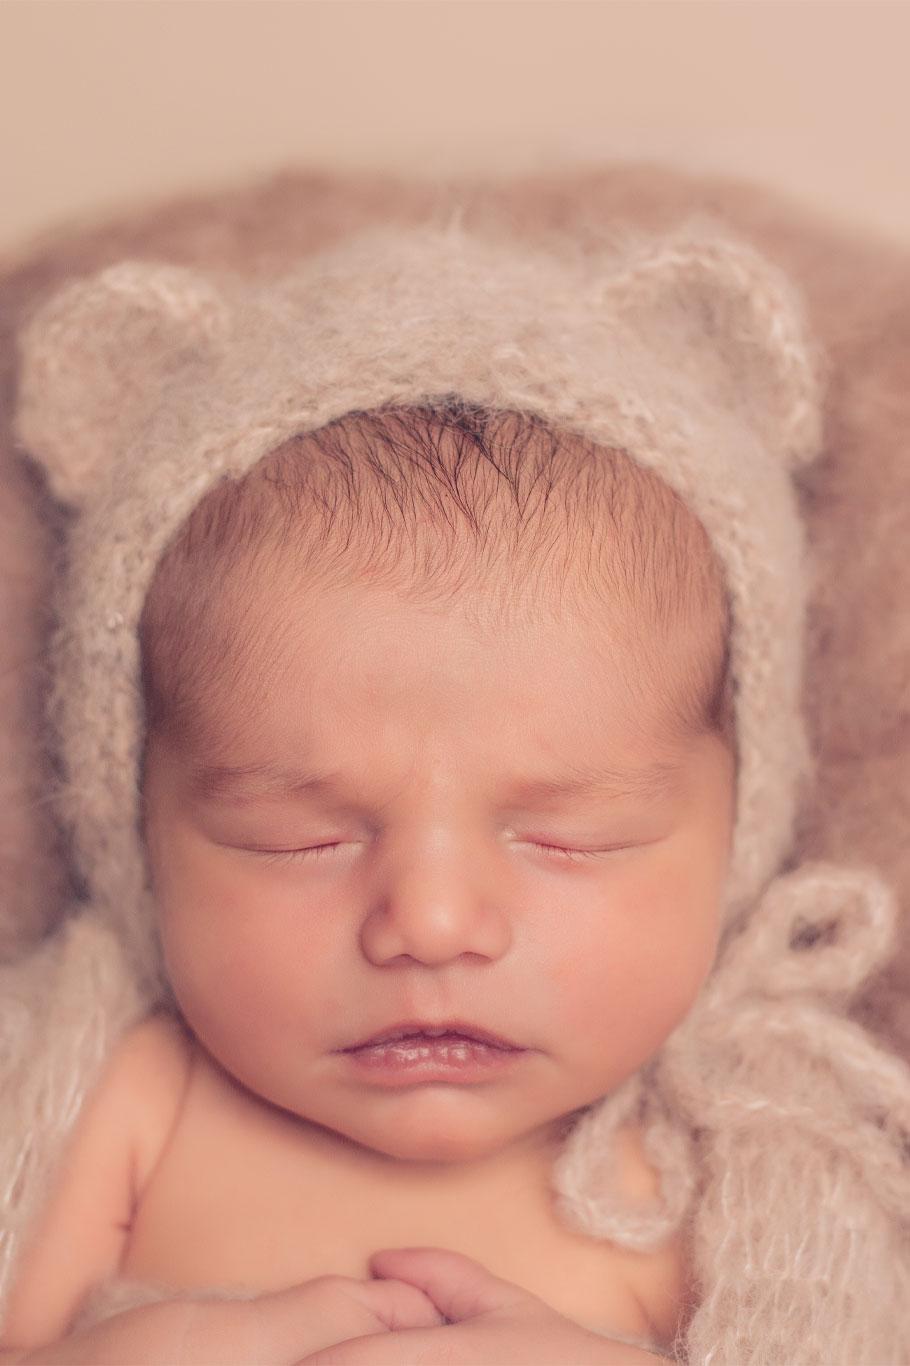 prelepa nežna slika novorođene bebe sa kapicom